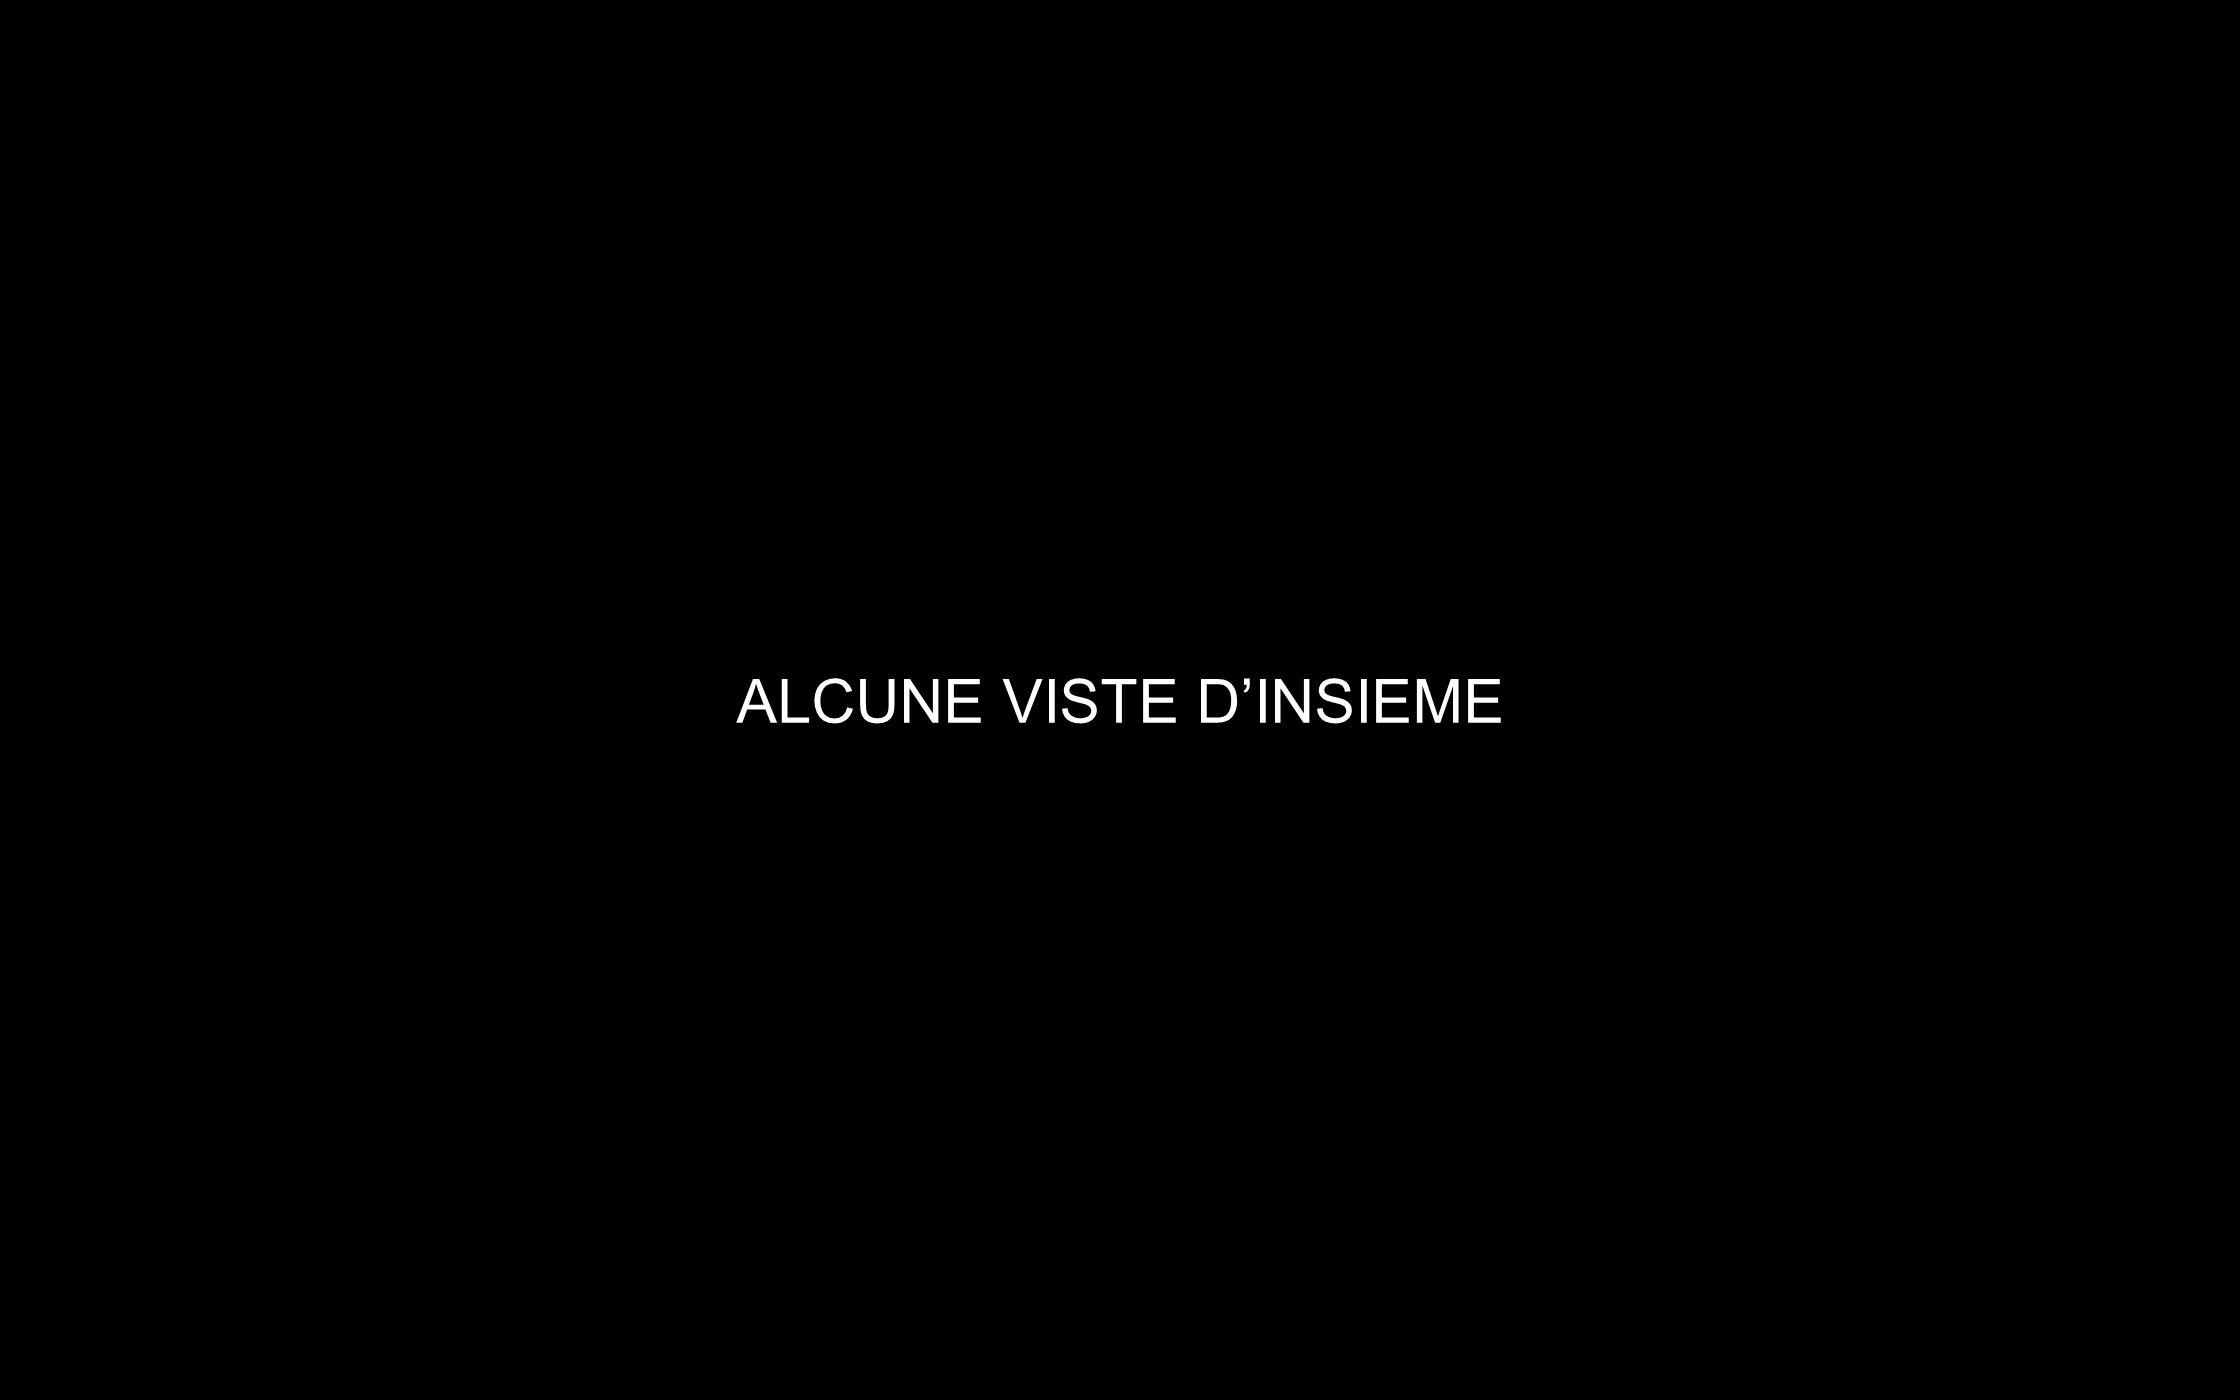 ALCUNE VISTE DINSIEME